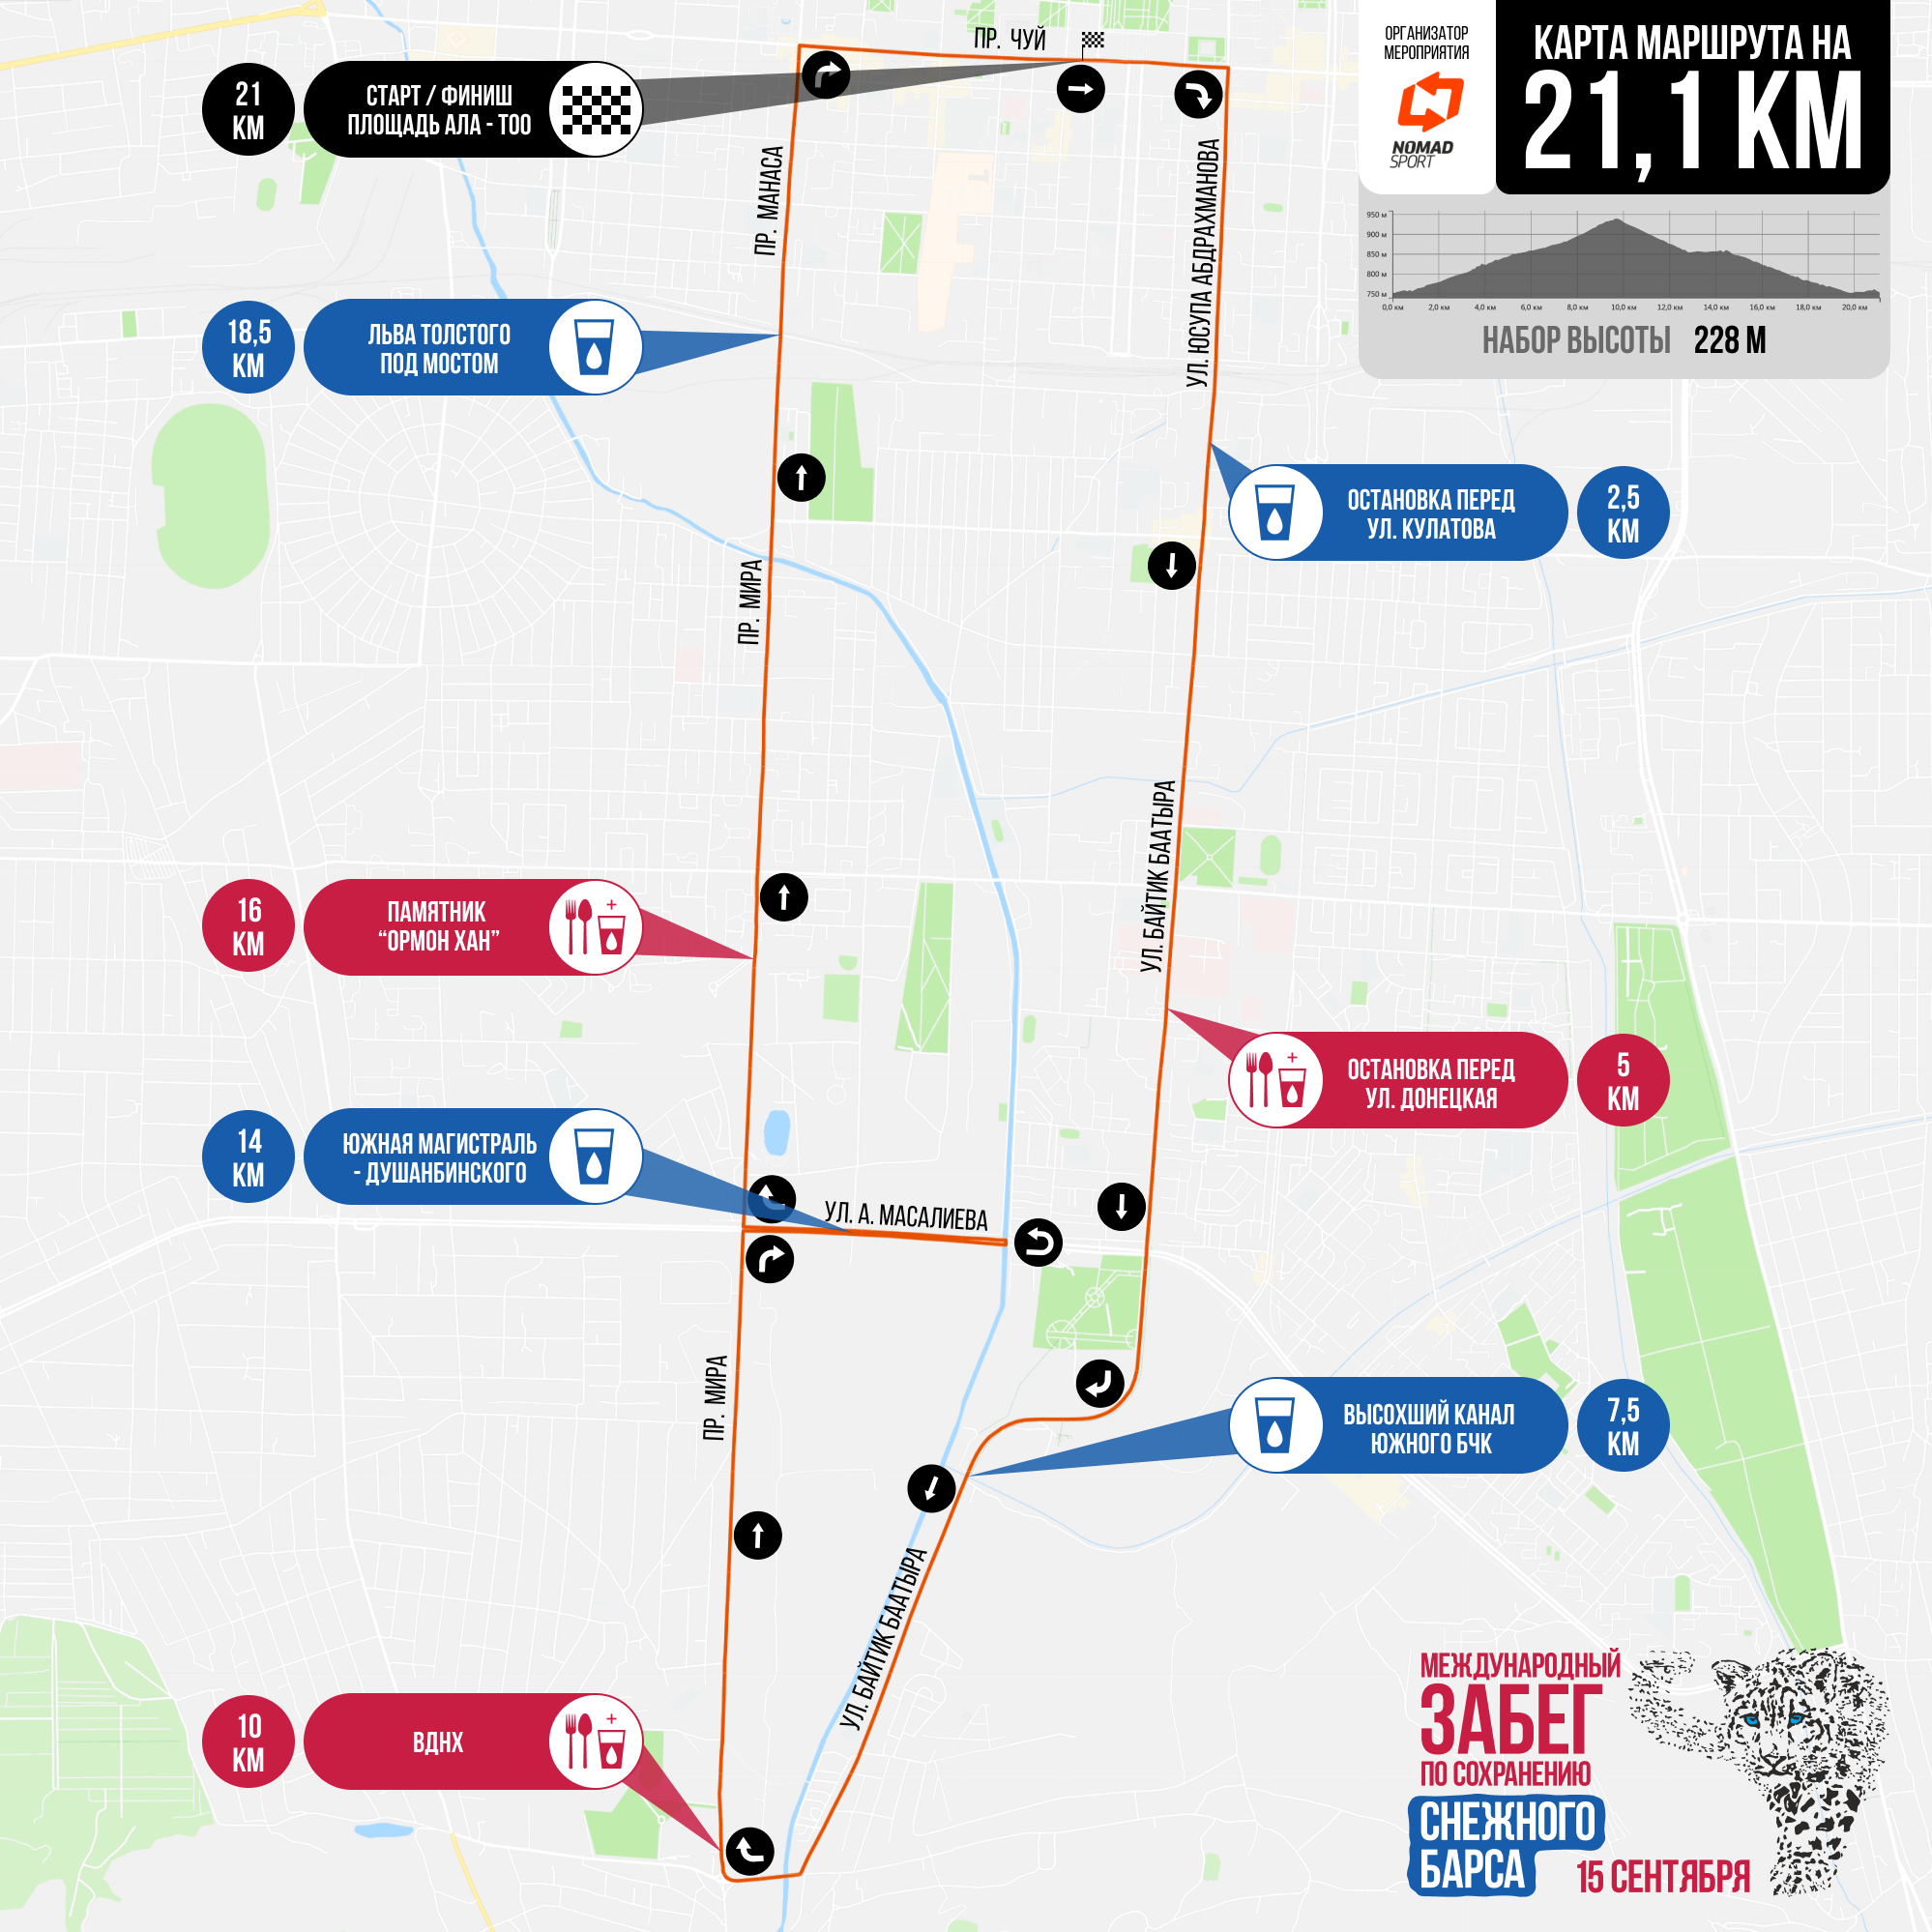 Дистанция в 21,1 километра тоже пройдет по проспекту Чуй, улицам Абдрахманова/Байтик Баатыра, Масалиева, проспектам Айтматова/Манаса, но крайней южной точкой будет ВДНХ. Допускают участники от 18 лет и старше.